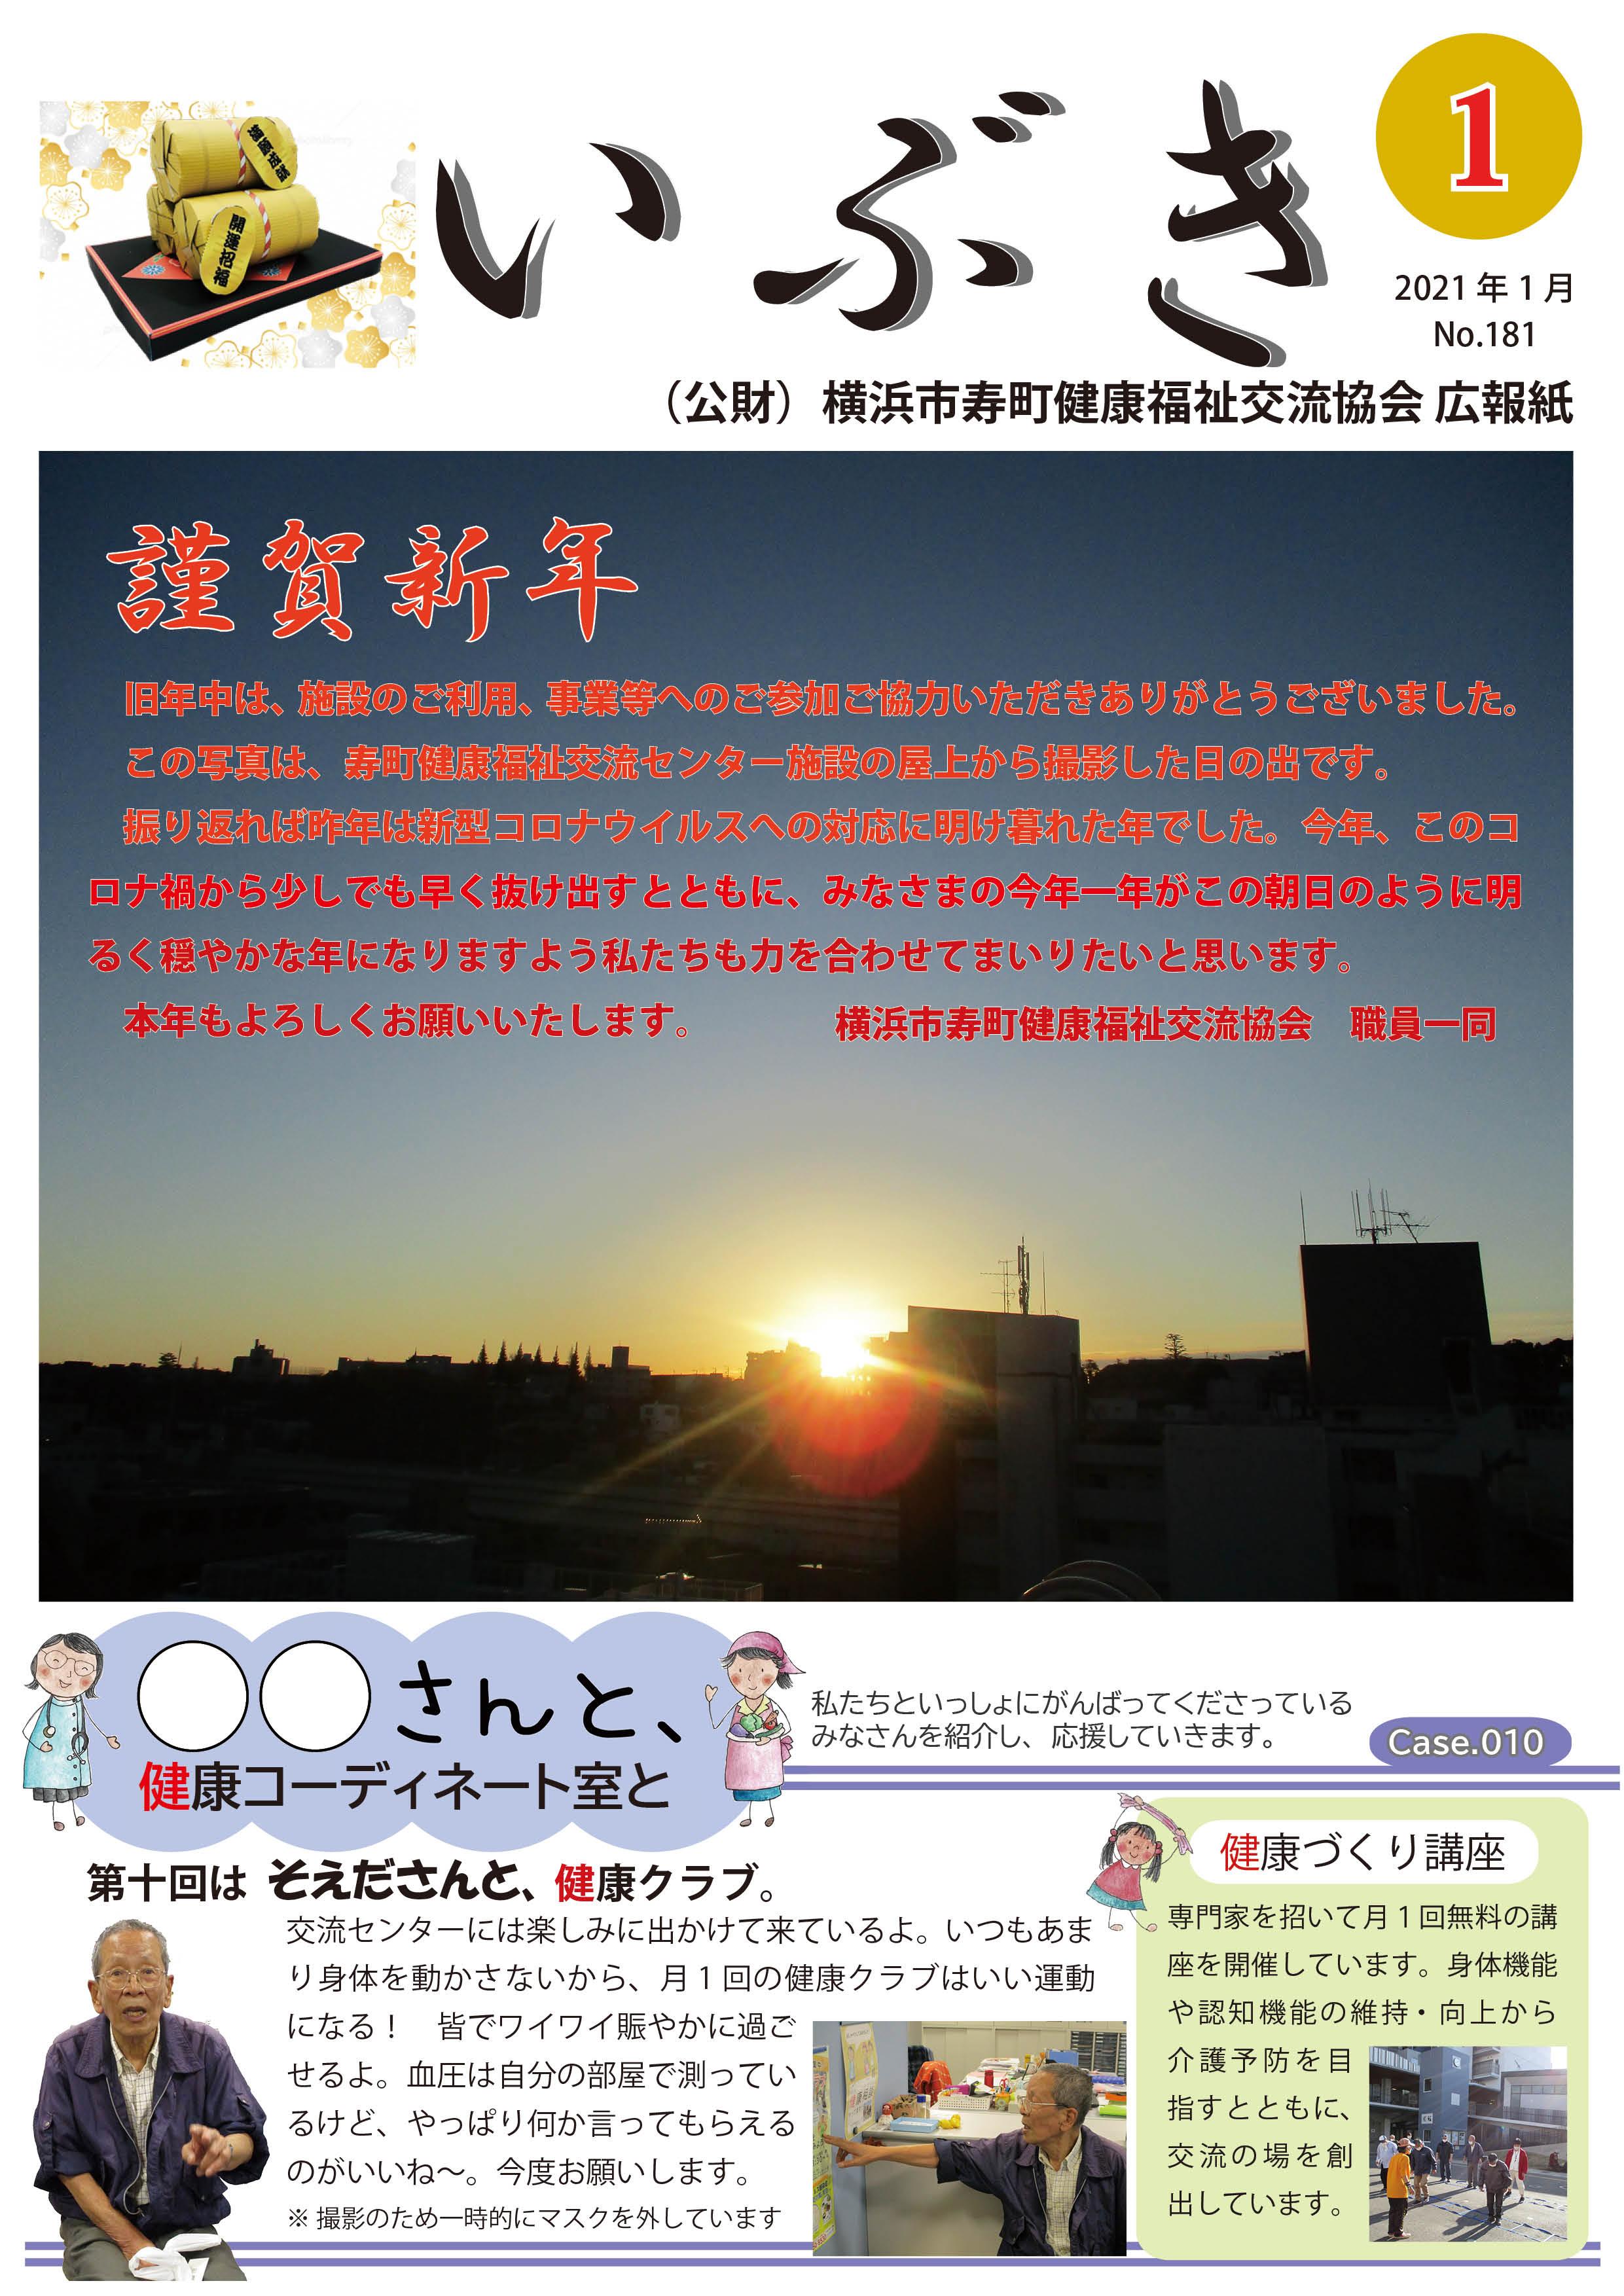 広報紙いぶき2021年1月号(No.181)